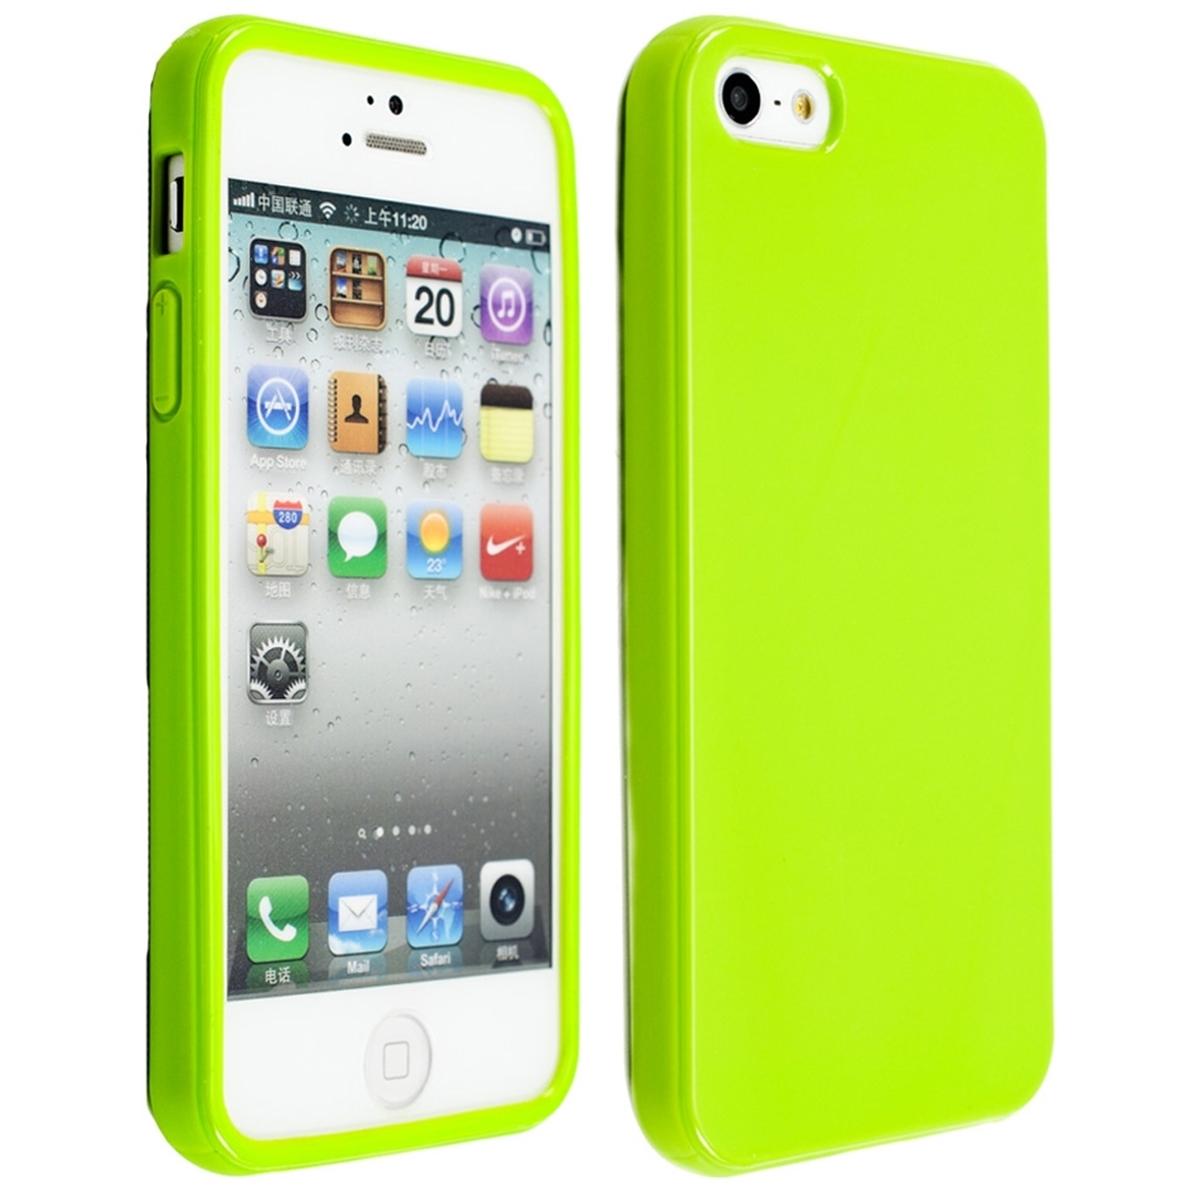 Funda de tpu silicona para apple iphone se 5 5s verde carcasa protectora ebay - Fundas de silicona para iphone 5 ...